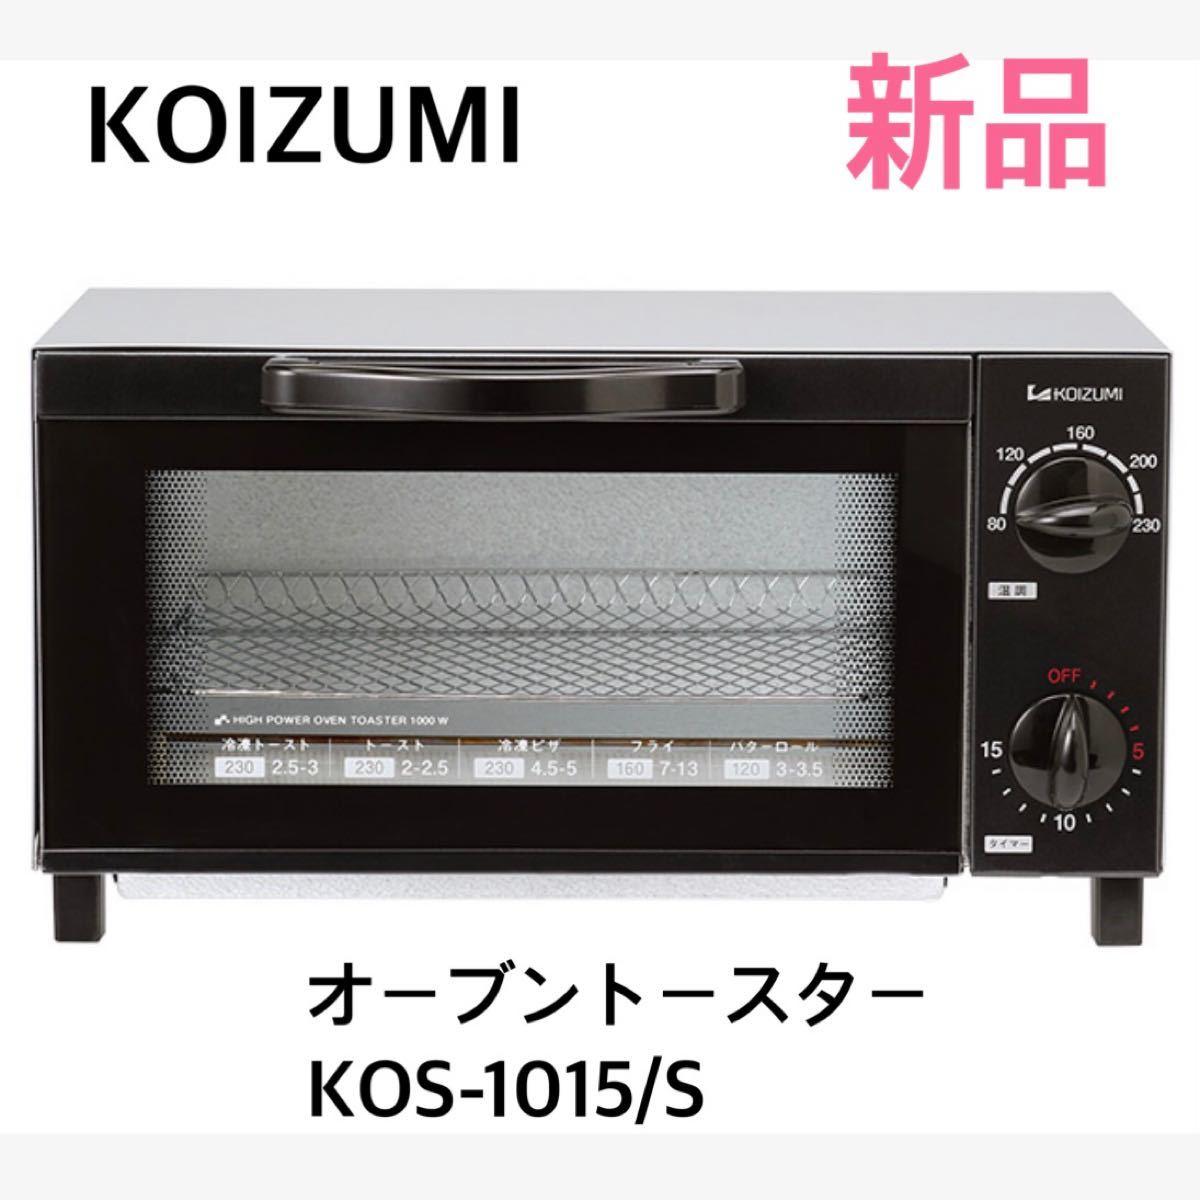 *新品*オーブントースター KOS-1015/Sシルバー